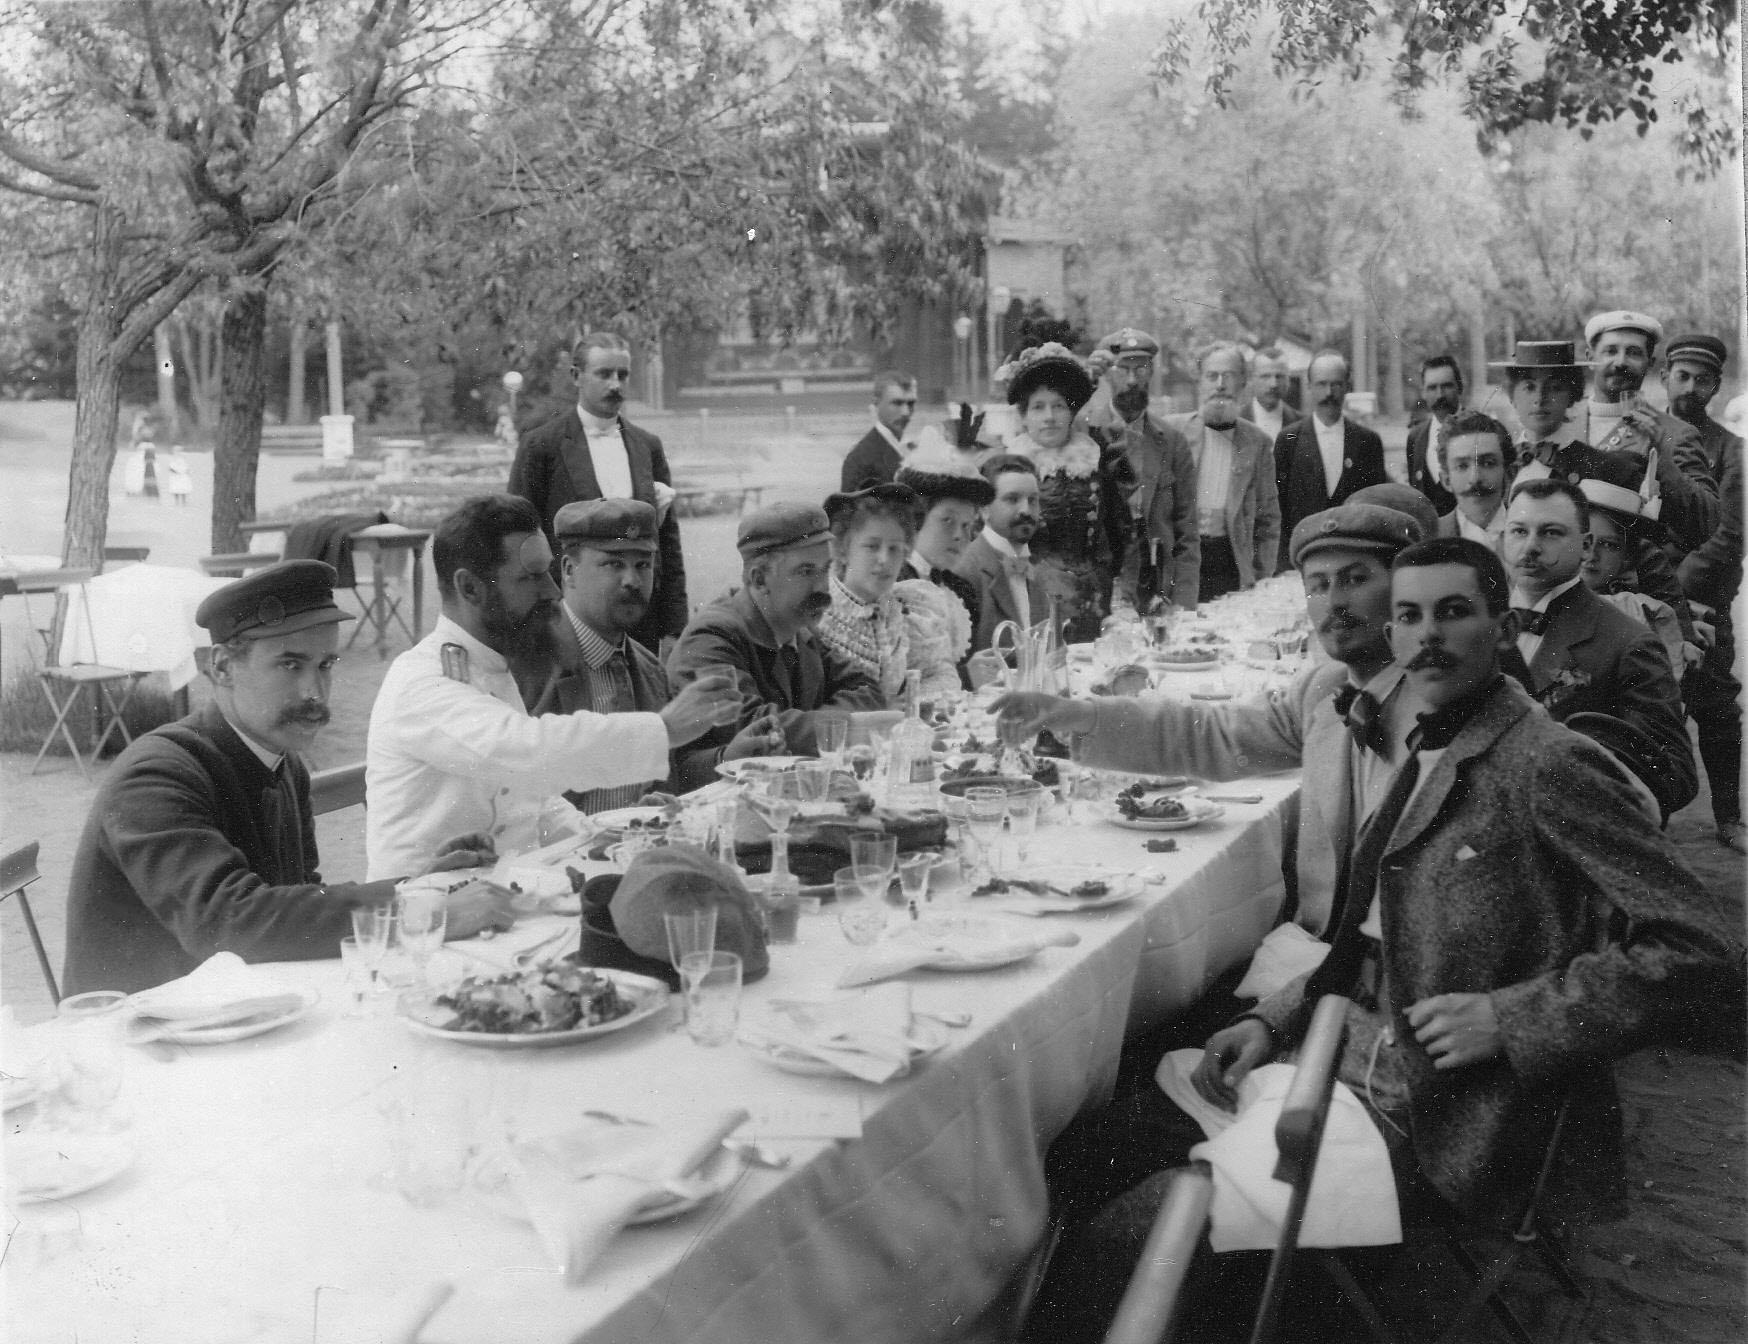 Группа членов Петербургского кружка велосипедистов-любителей, участников поездки в Озерки за завтраком